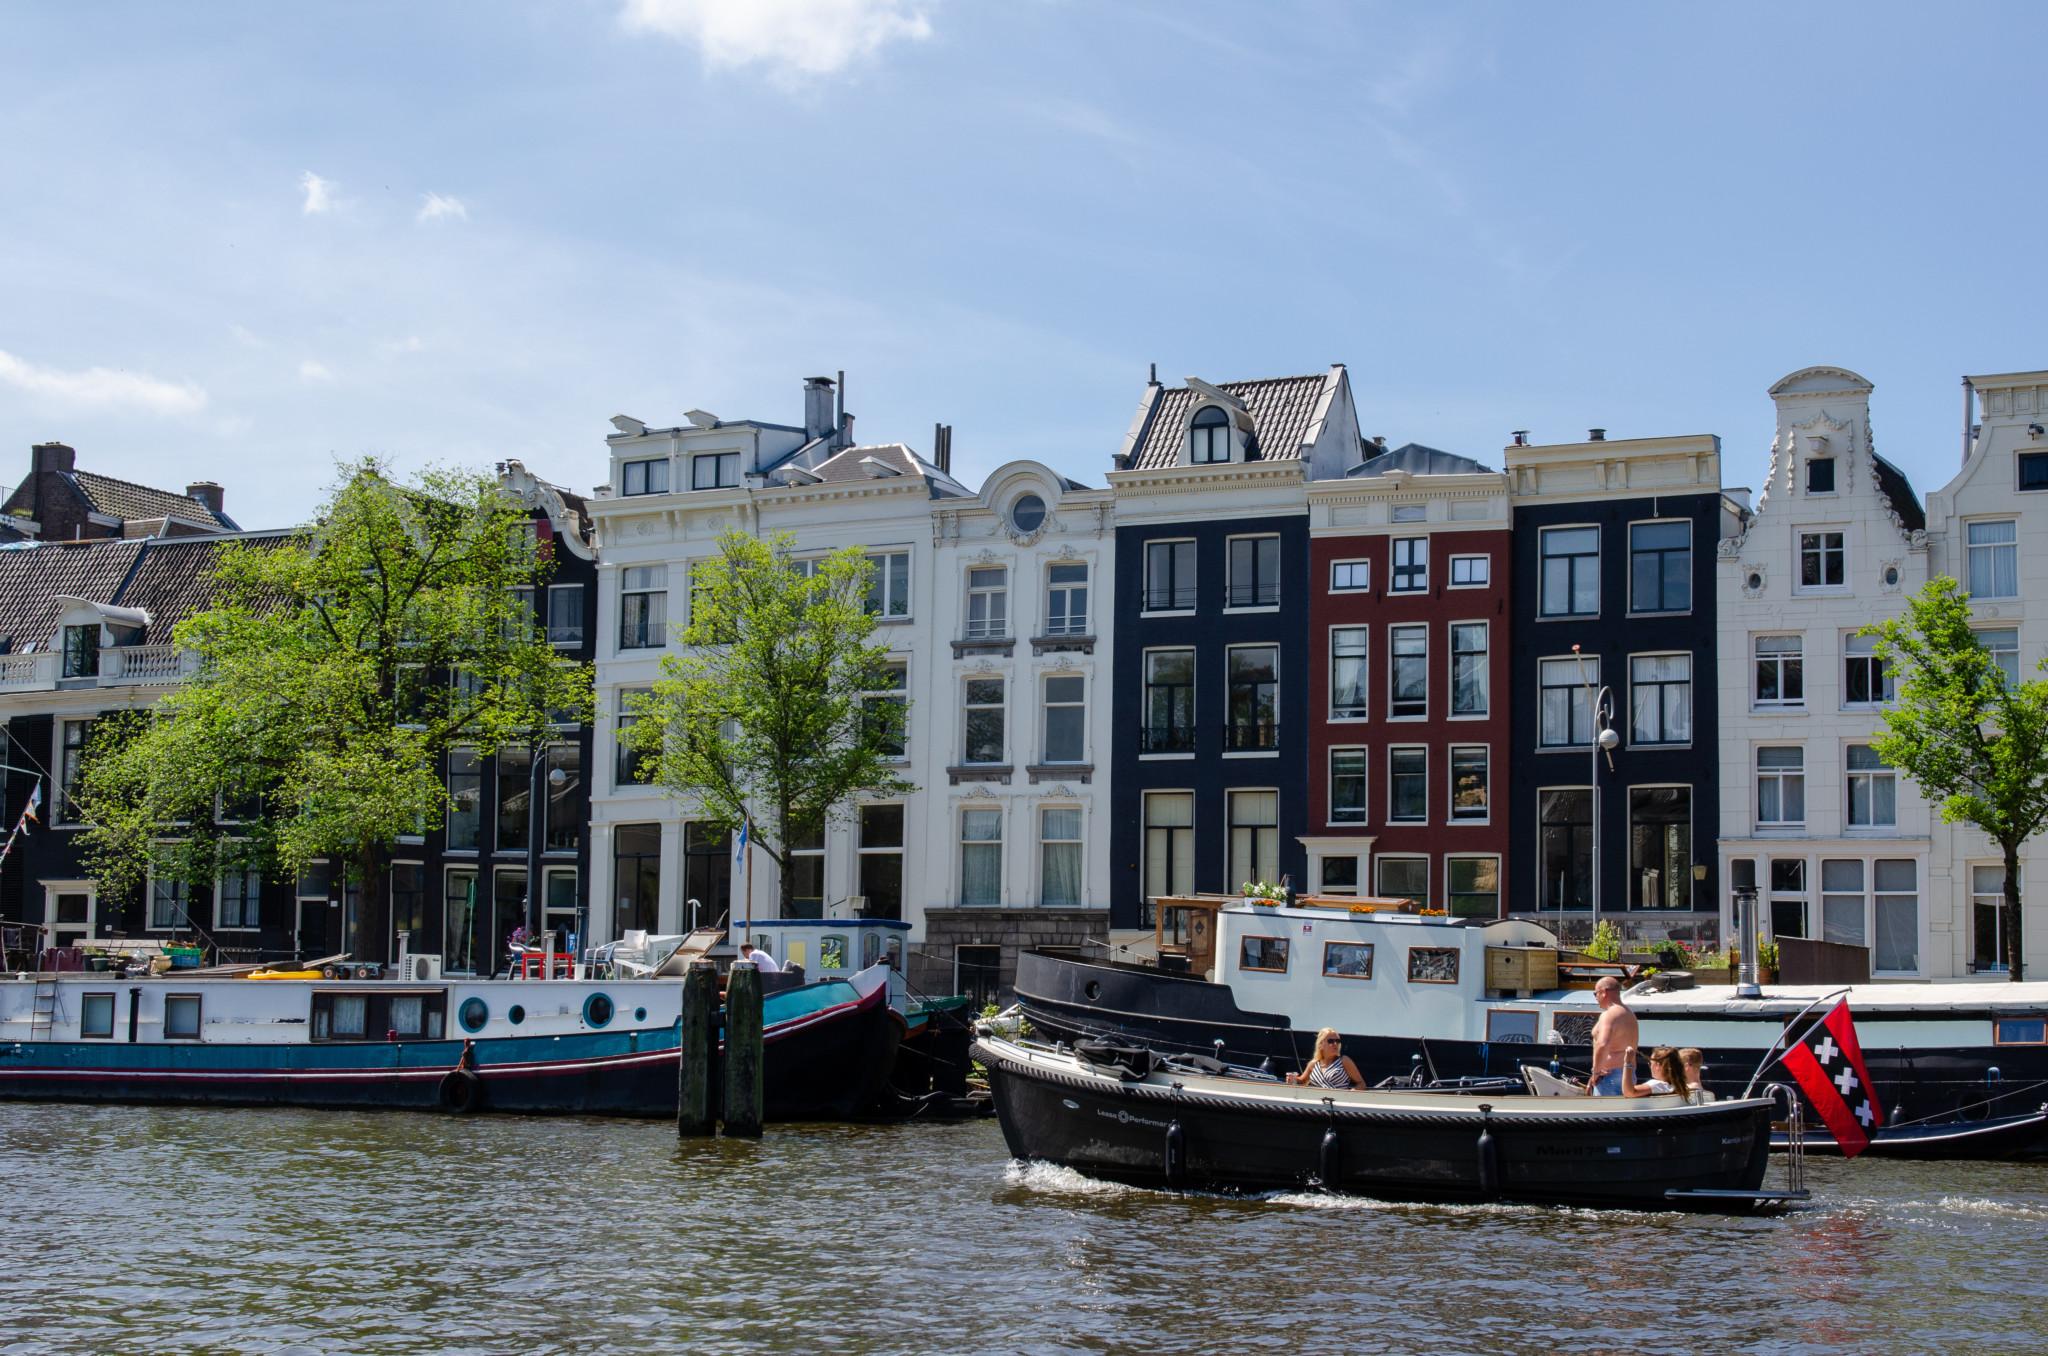 Amsterdam zählt zu den beliebtesten Holland-Städten